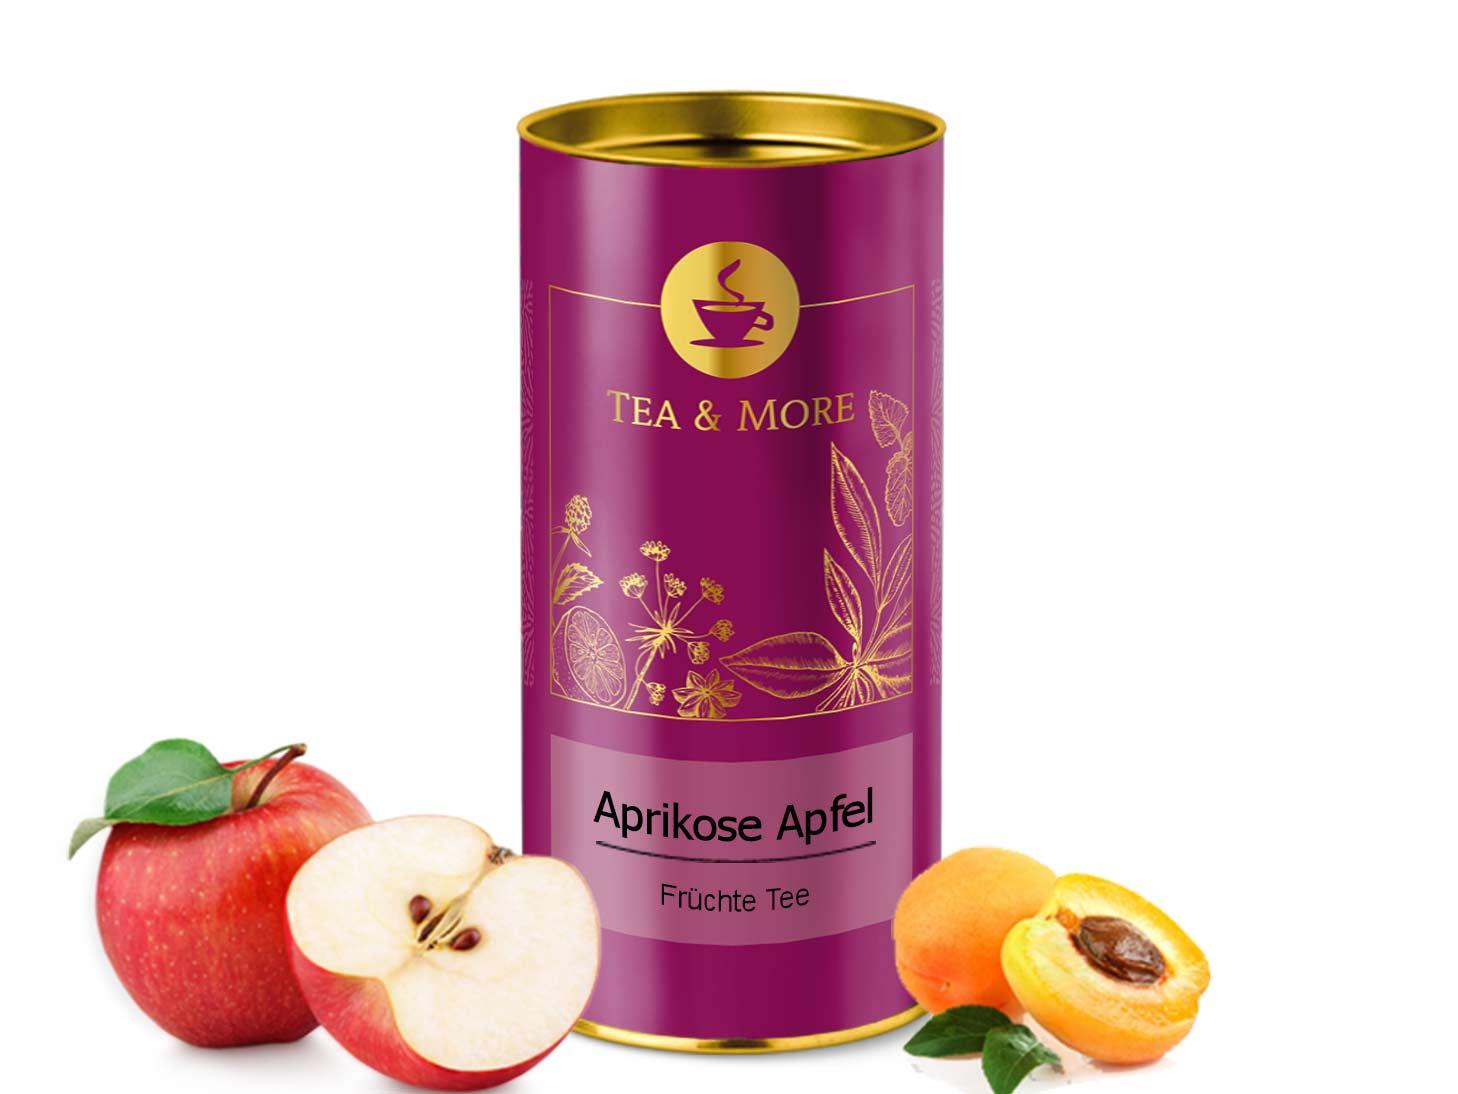 Aprikose Apfel